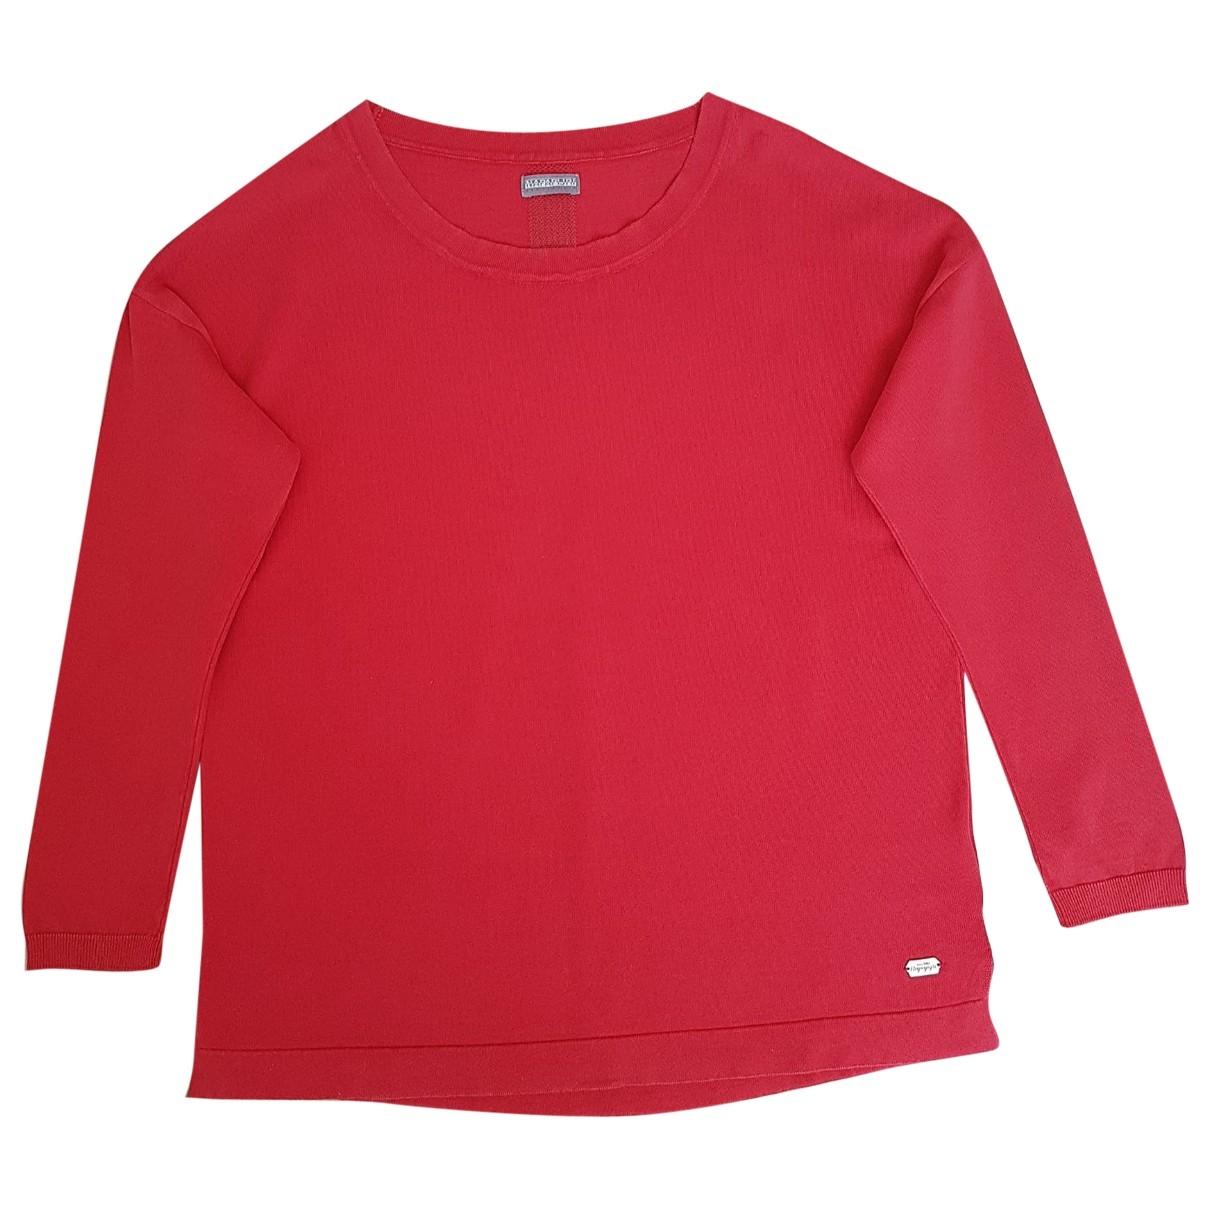 Napapijri \N Pullover in  Rot Baumwolle